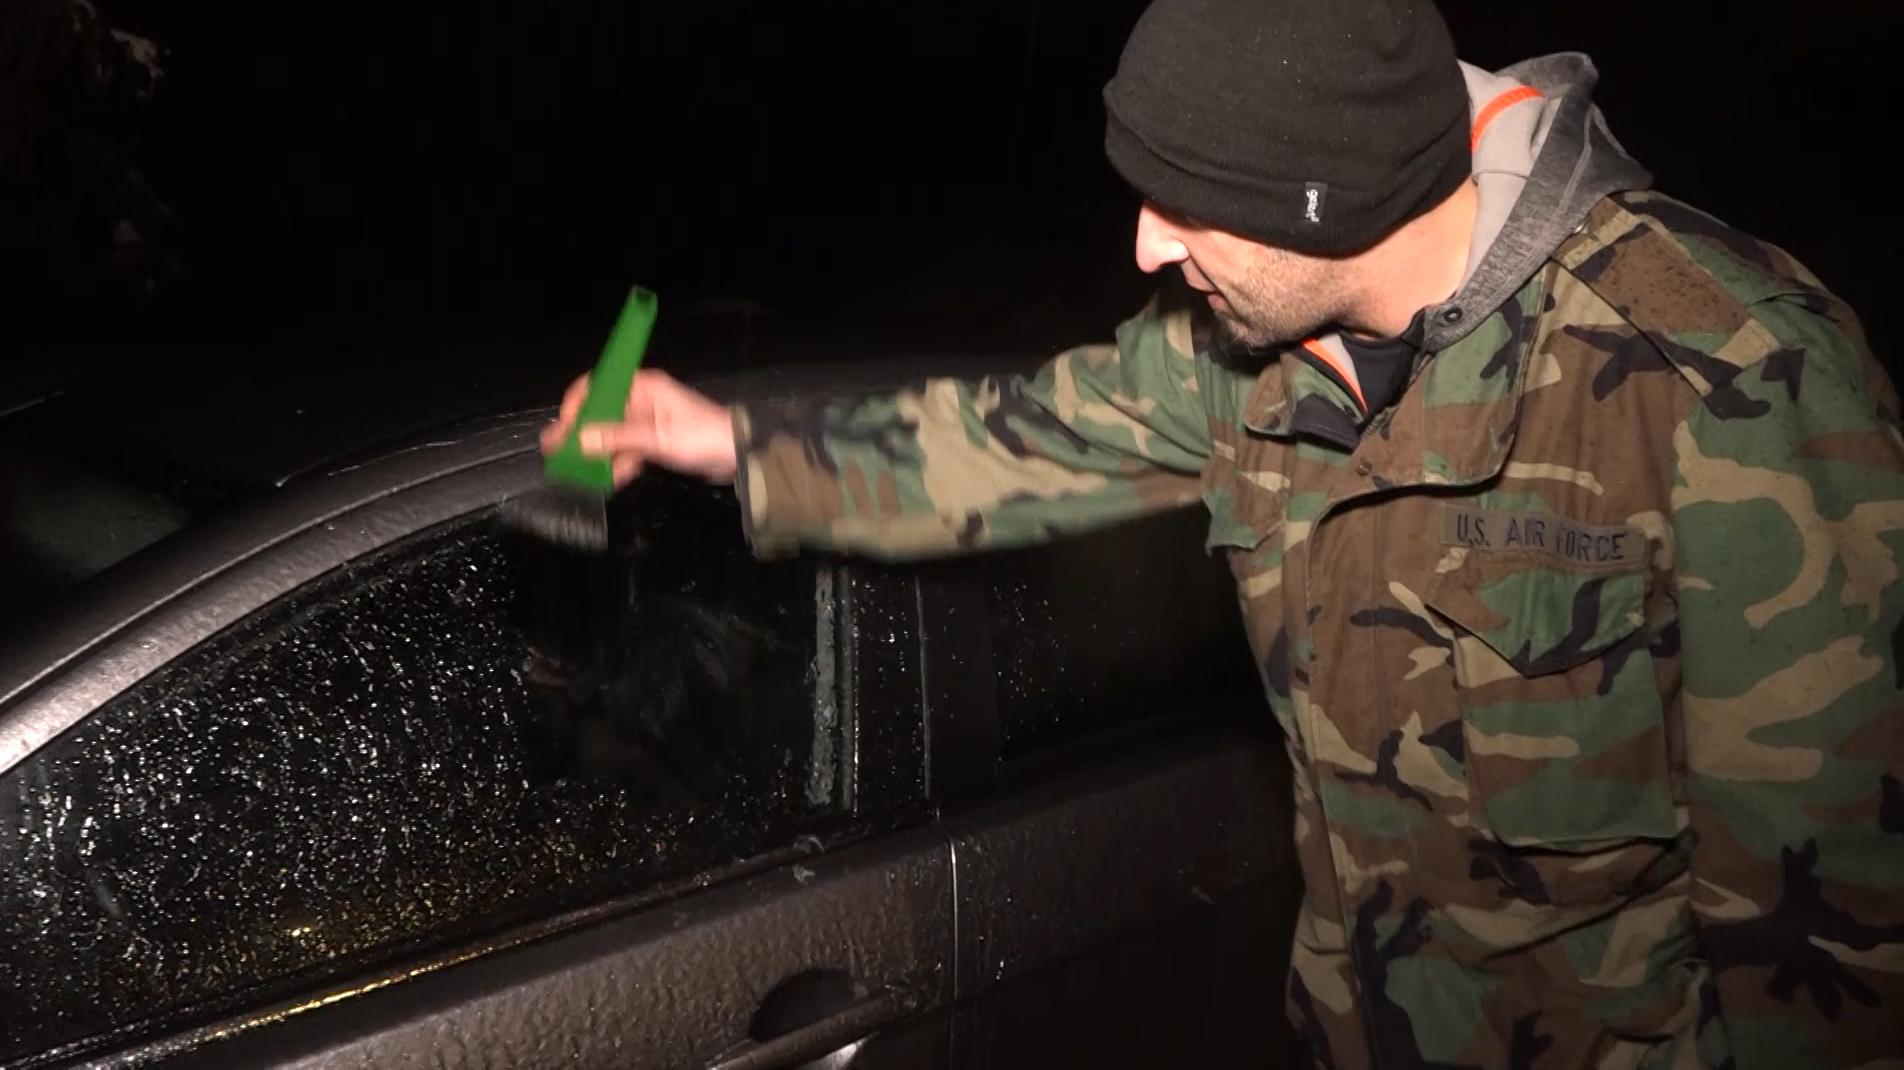 Mann kratzt seine Autoscheiben vom Eis frei